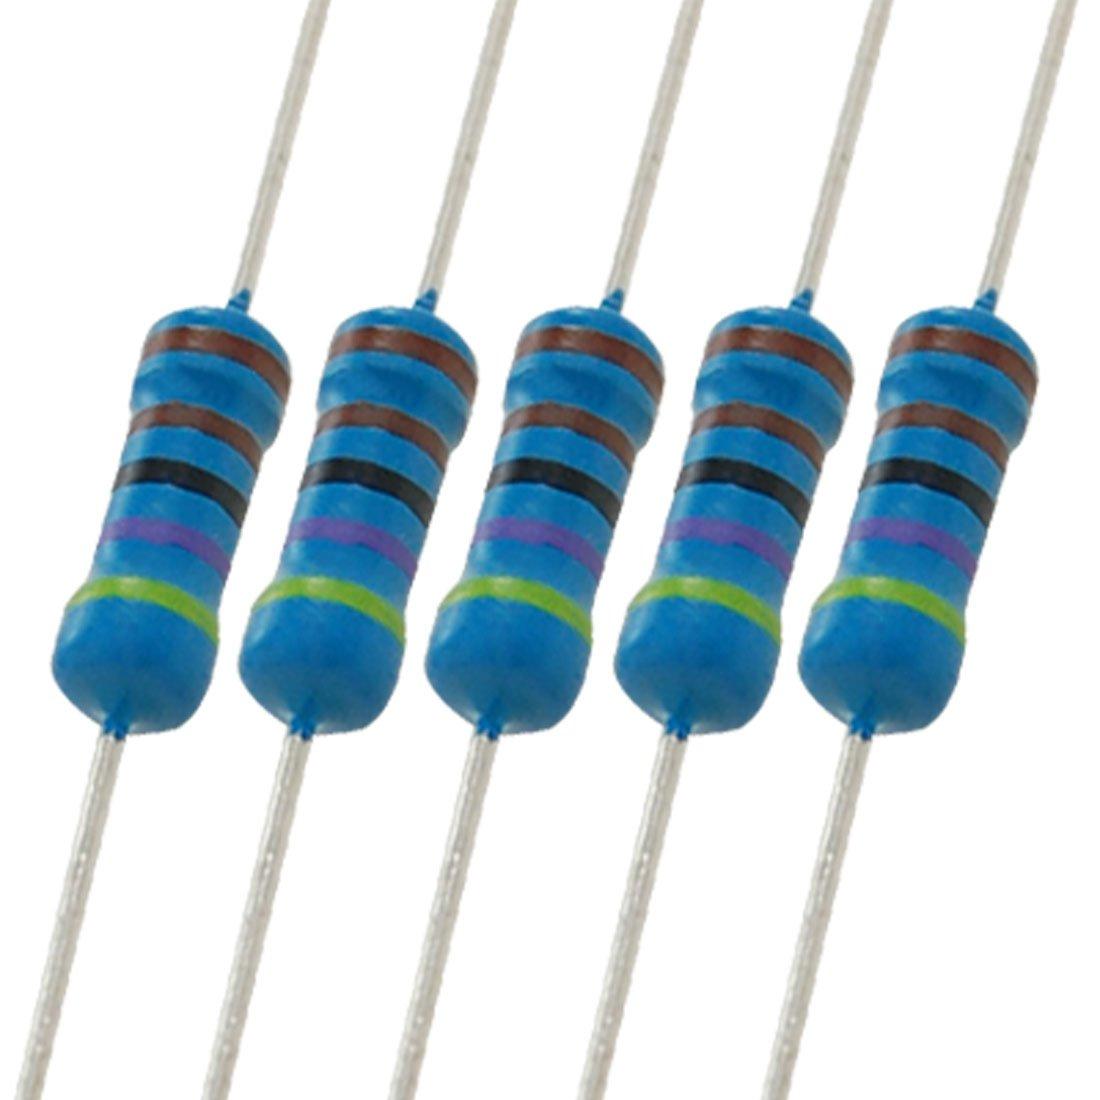 20pcs 3W 3 Watt Metal Oxide Film Resistor Axial Lead 1.2K Ohm ±5/% Tolerance